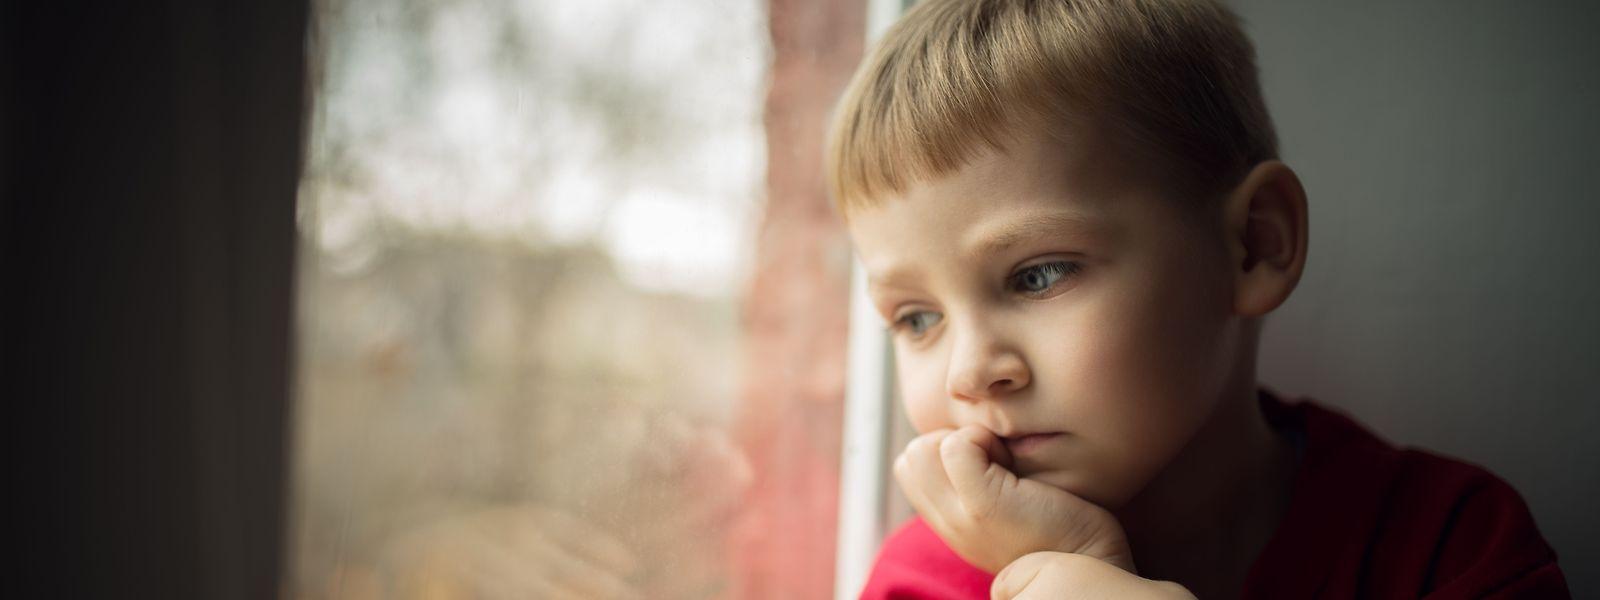 Kinder, die in ärmlichen Verhältnissen aufwachsen, haben weniger gute Start- und Lebenchancen als Kinder aus einkommensstarken Haushalten.